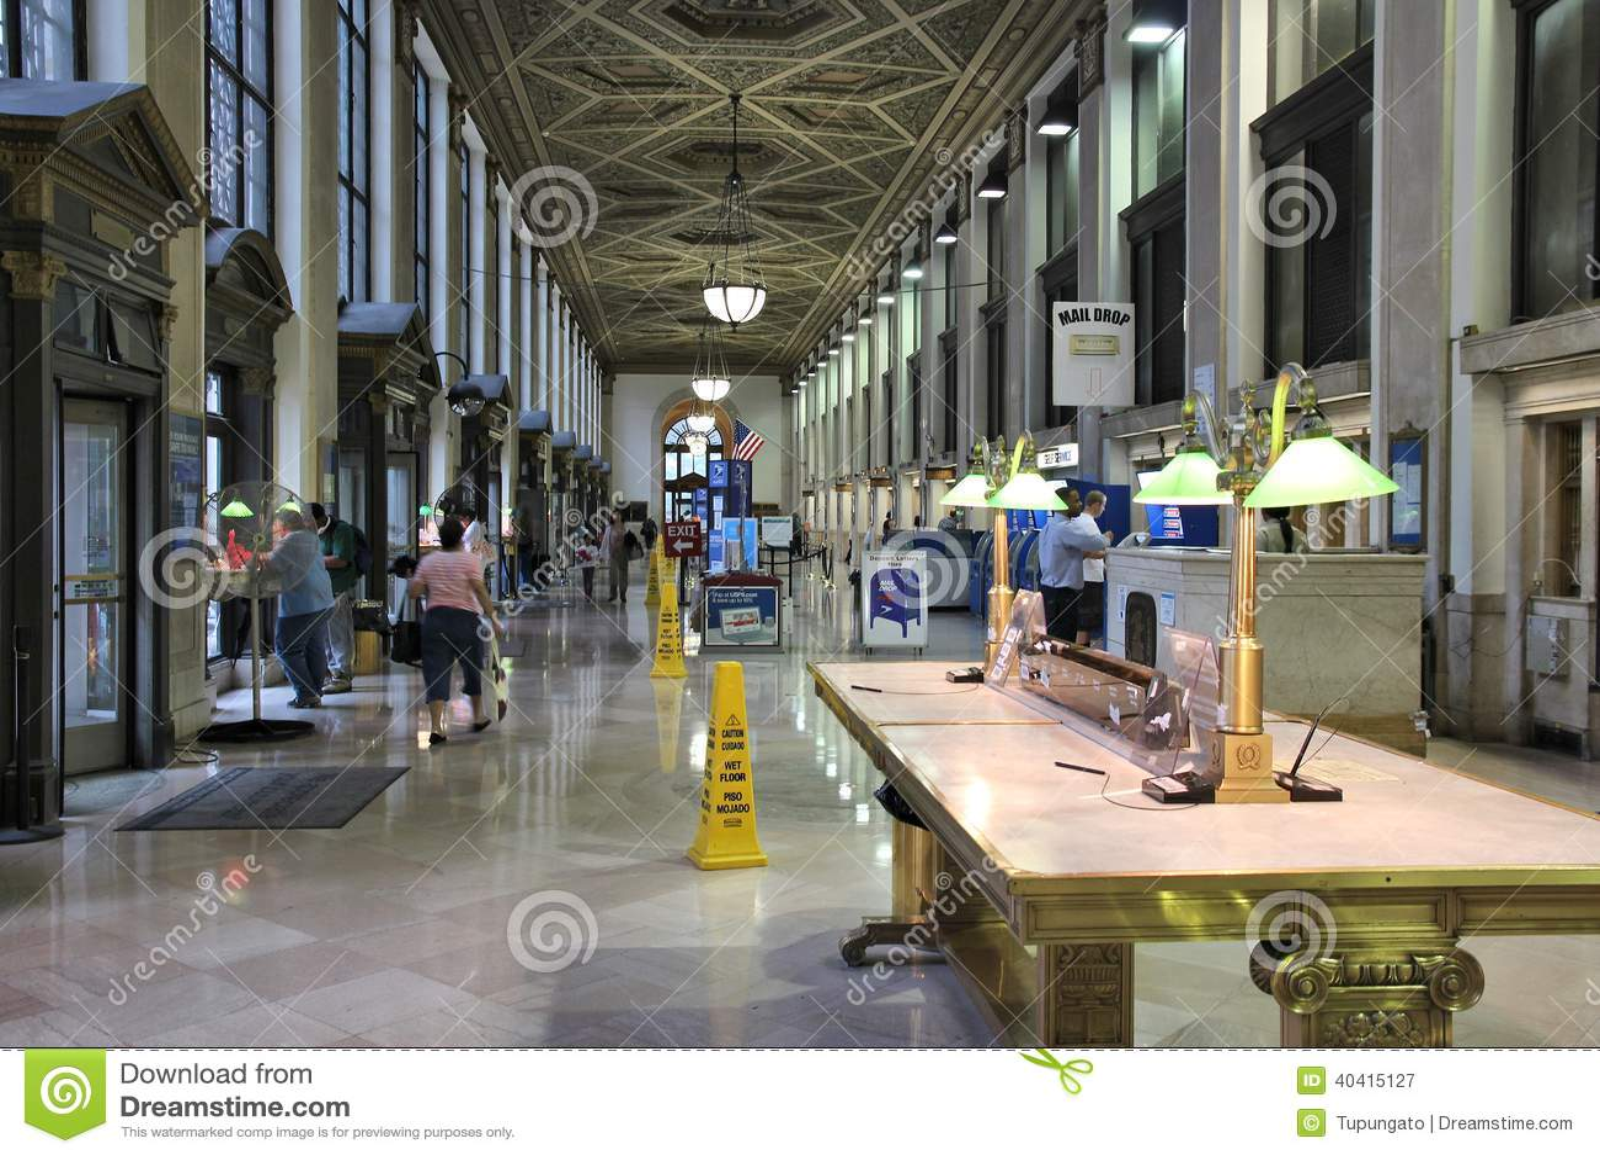 Ufficio Nuovo Xl : Ufficio postale di new york fotografia editoriale immagine di